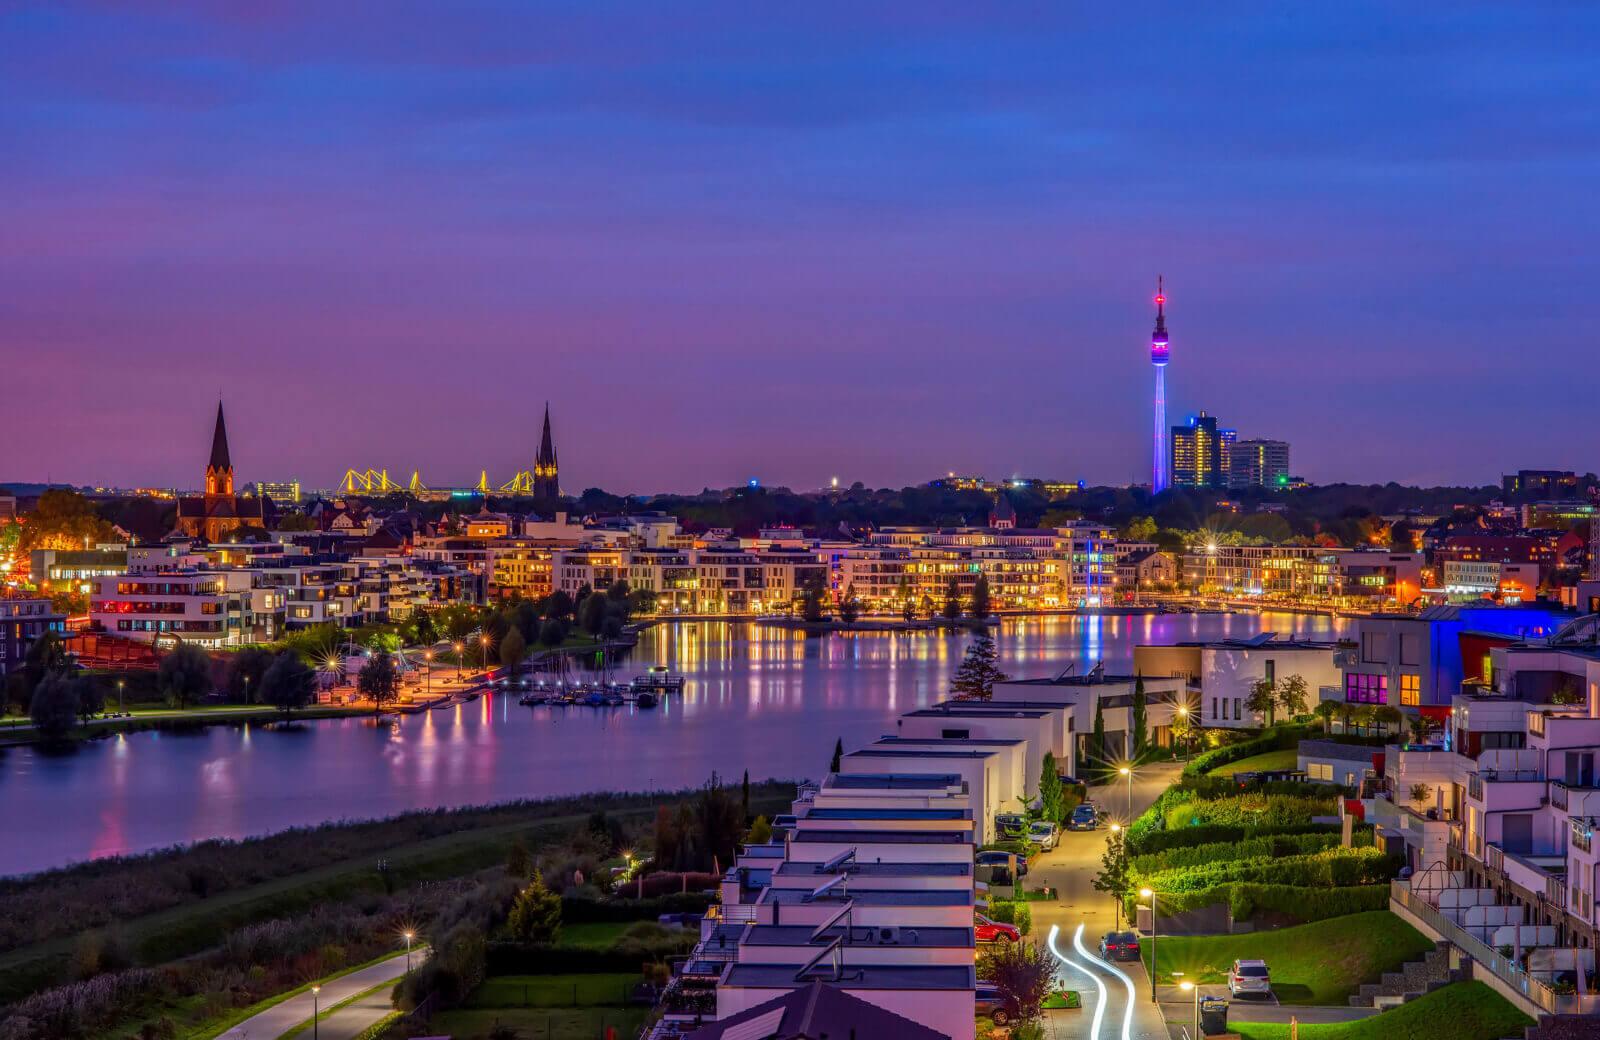 Skyline shot of Dortmund, Germany